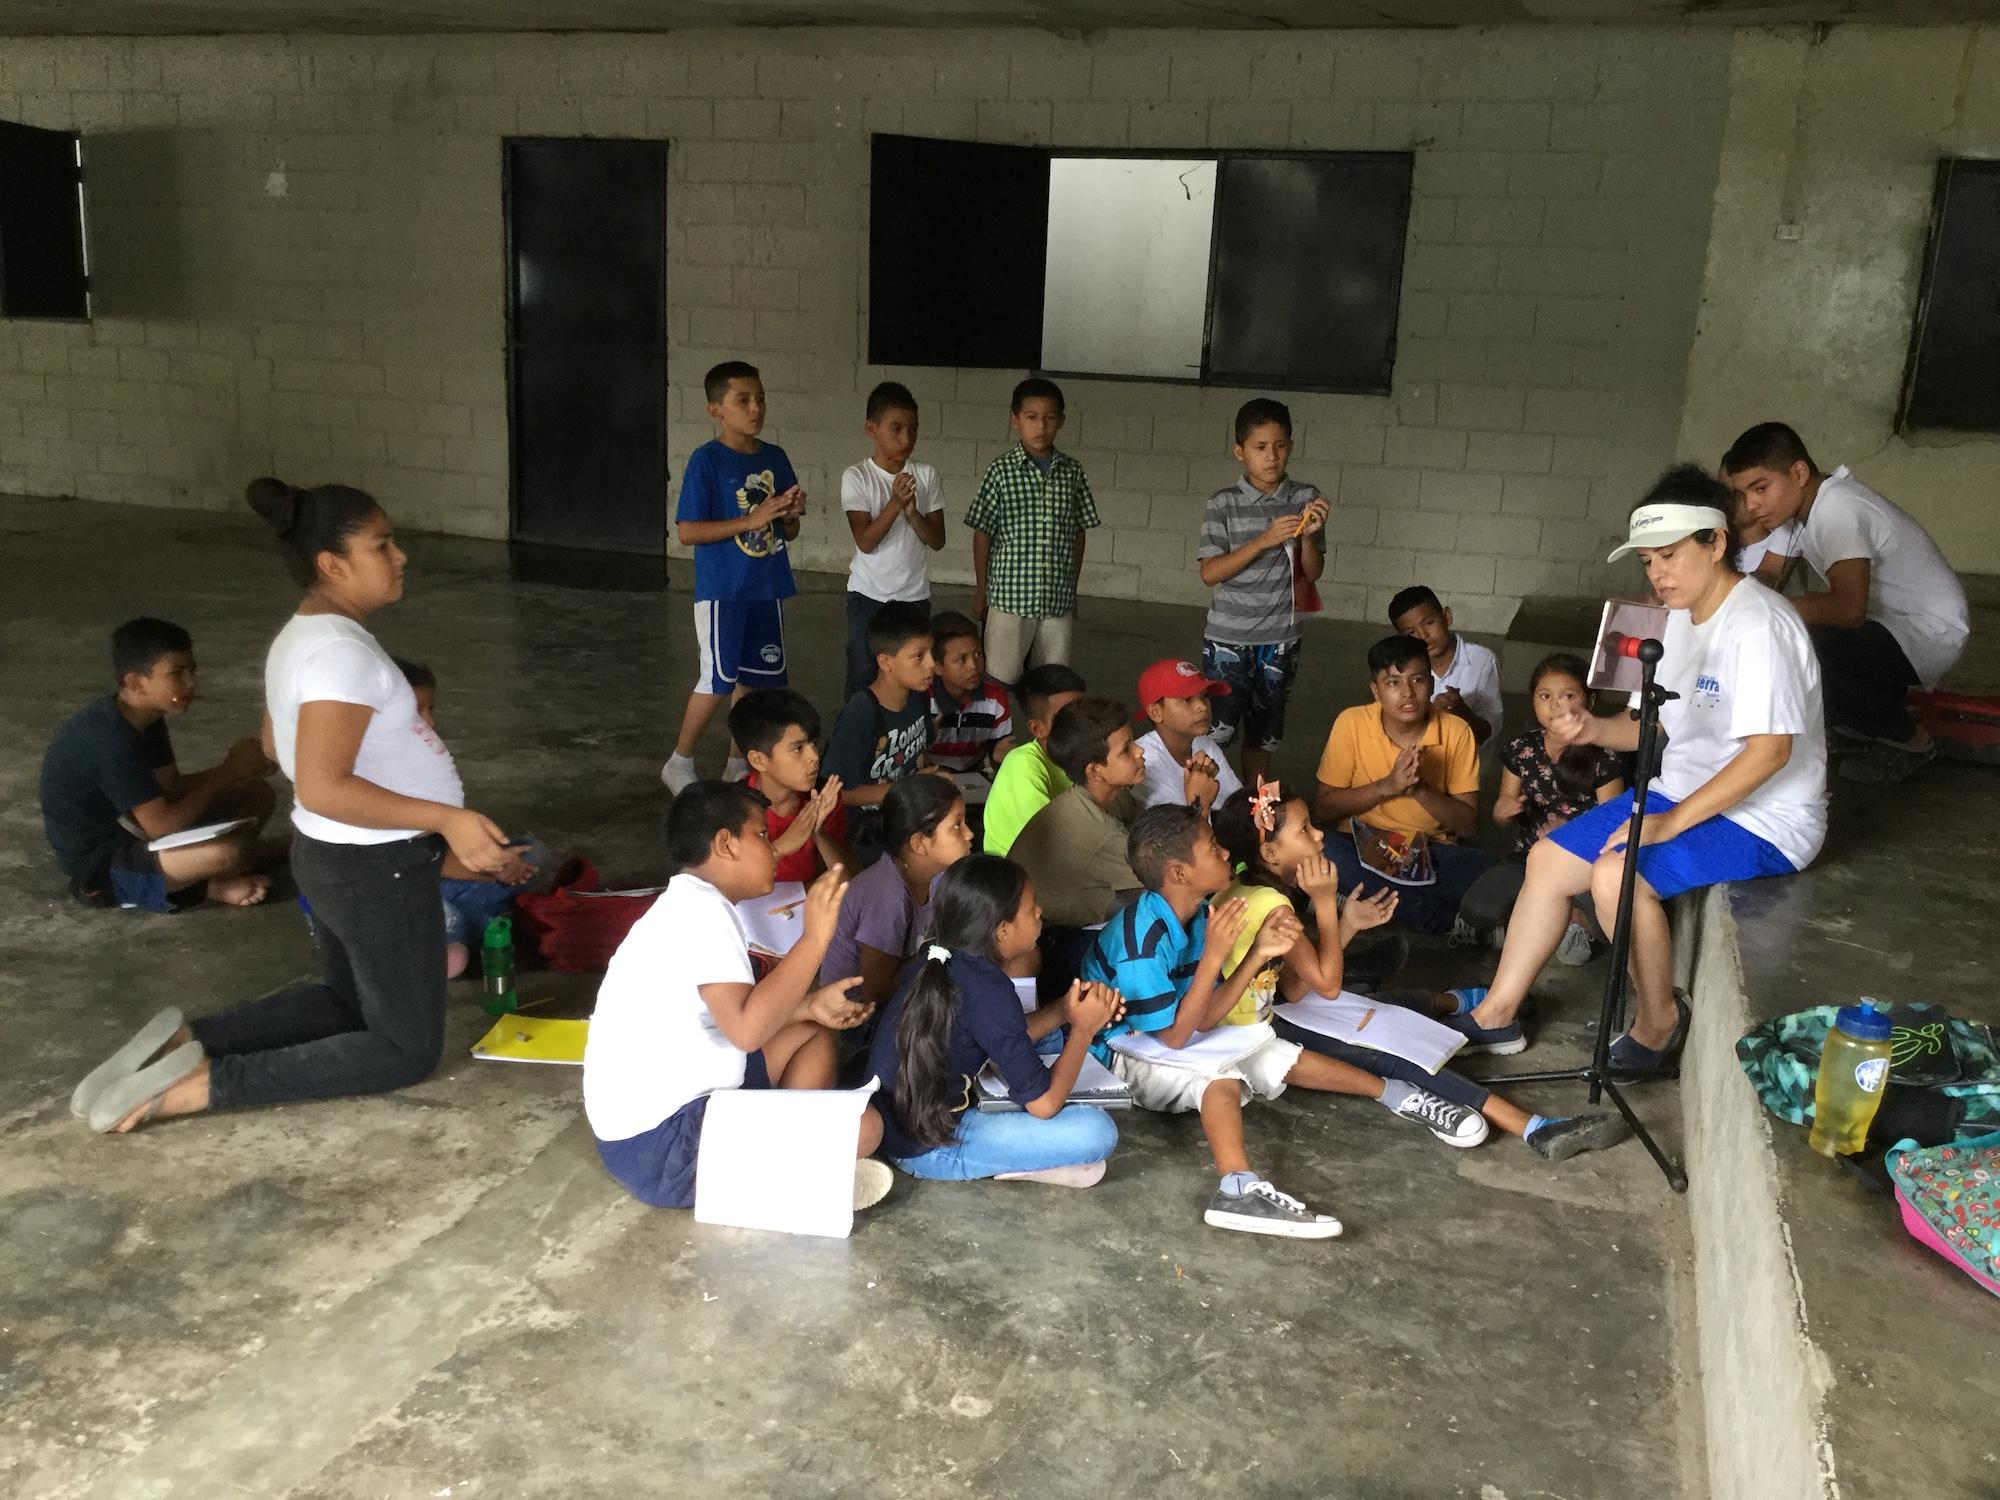 'Music for Purpose' Provides Music Education for Children in Honduras